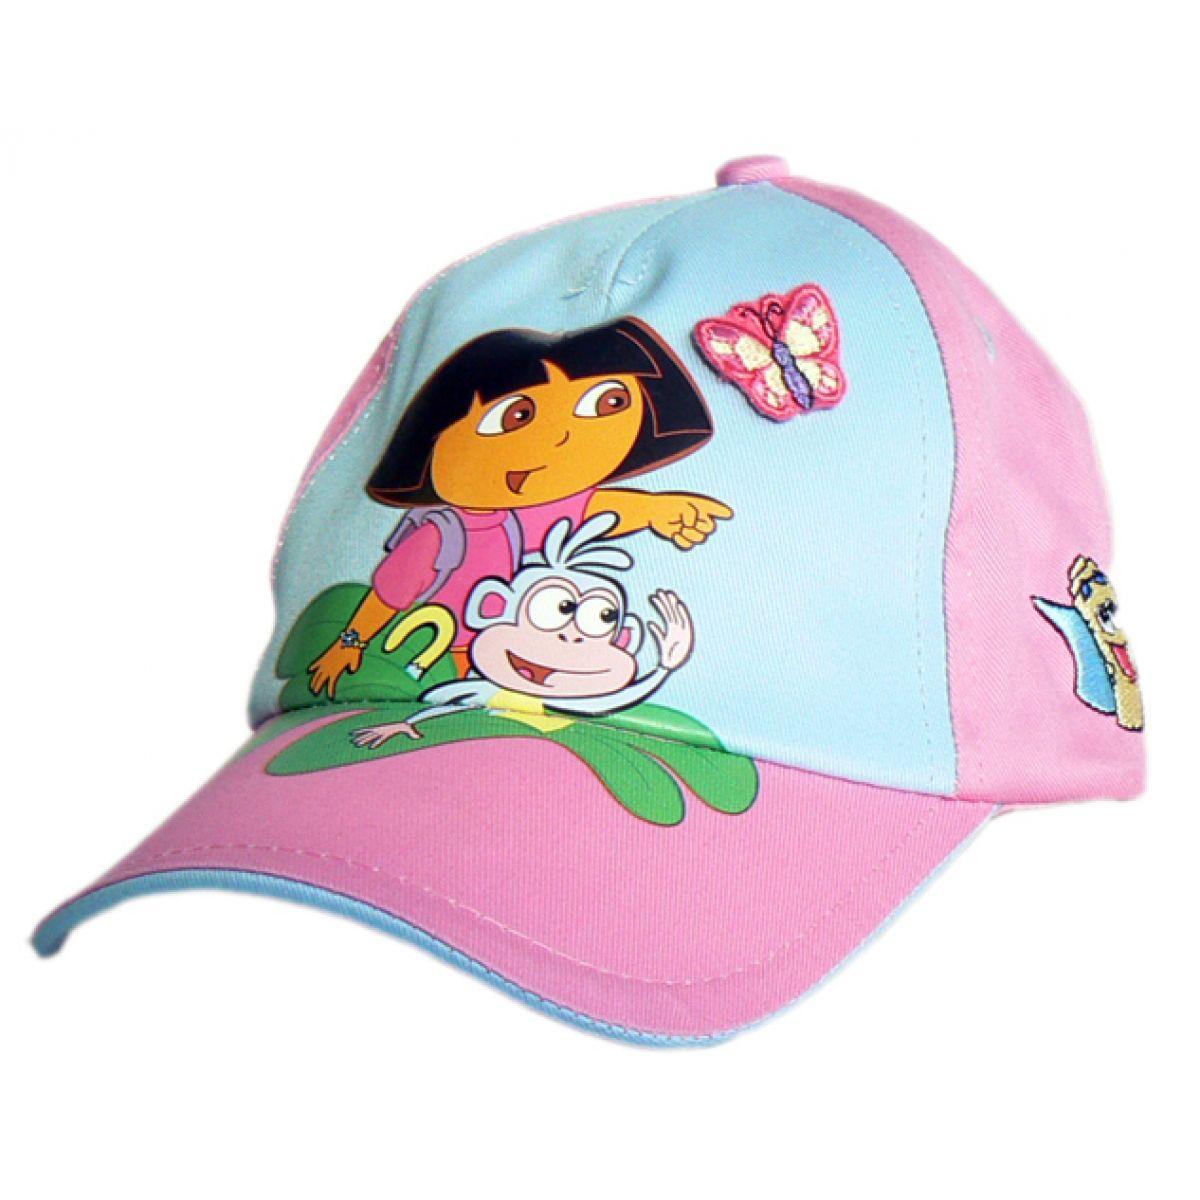 """Licence Only N43168 - Letní kšiltovka """"Dora"""" růžovo-modrá vel.52"""